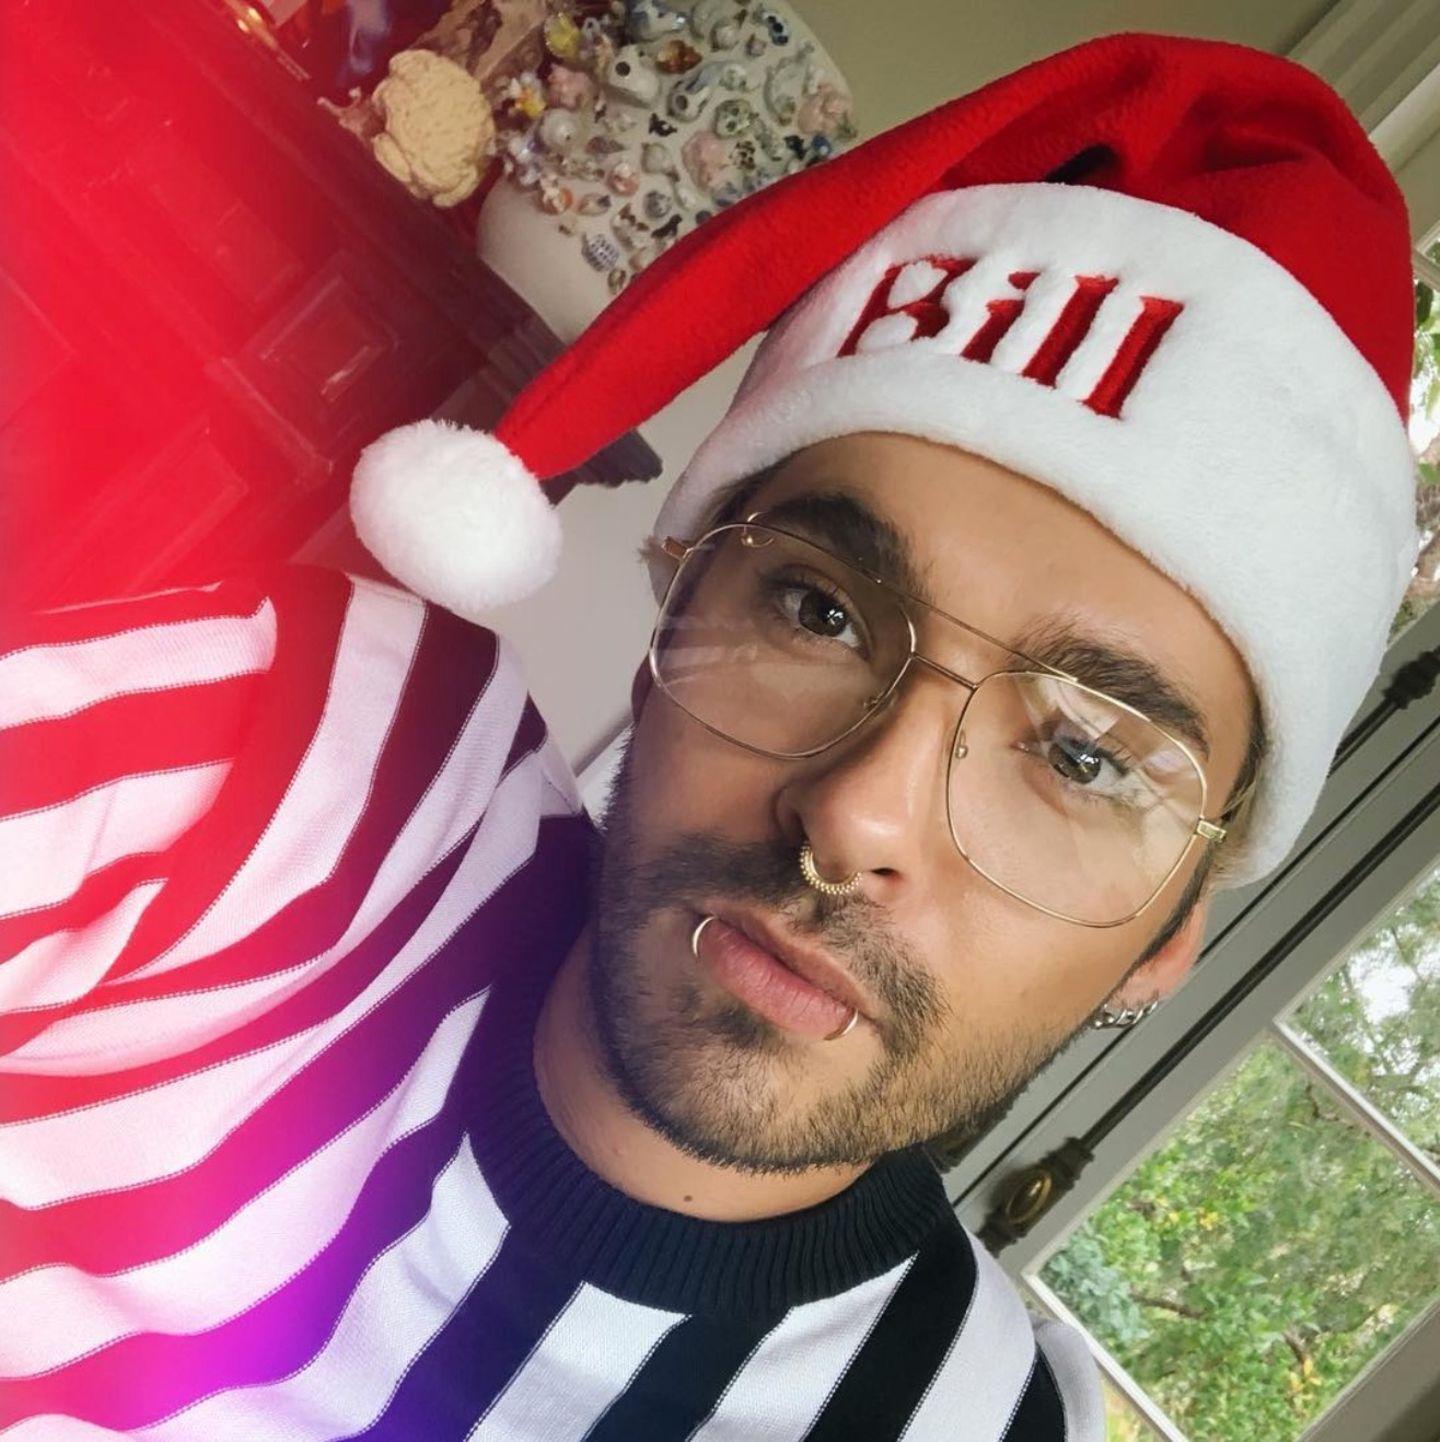 """Bill Kaulitz scheint kein Mann großer Worte zu sein. Zu seinem weihnachtlichen Selfie schreibt der """"Tokio Hotel""""-Frontmann kurz und knapp: """"Hi!"""""""